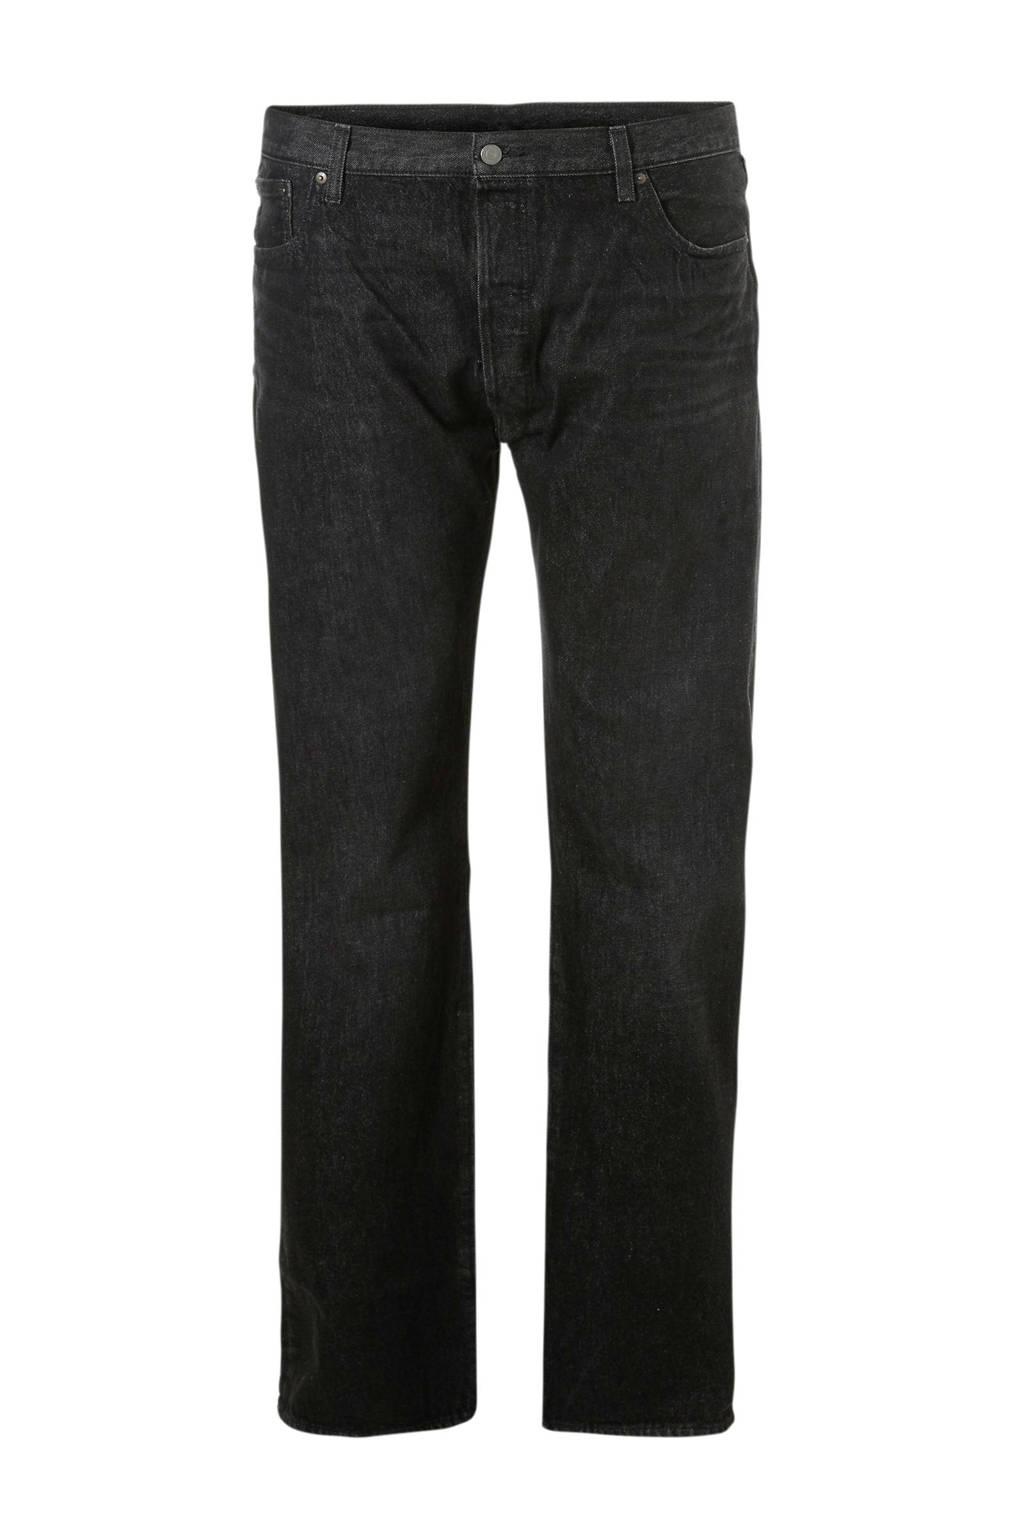 Levi's Big and Tall regular fit jeans 501, Dark denim